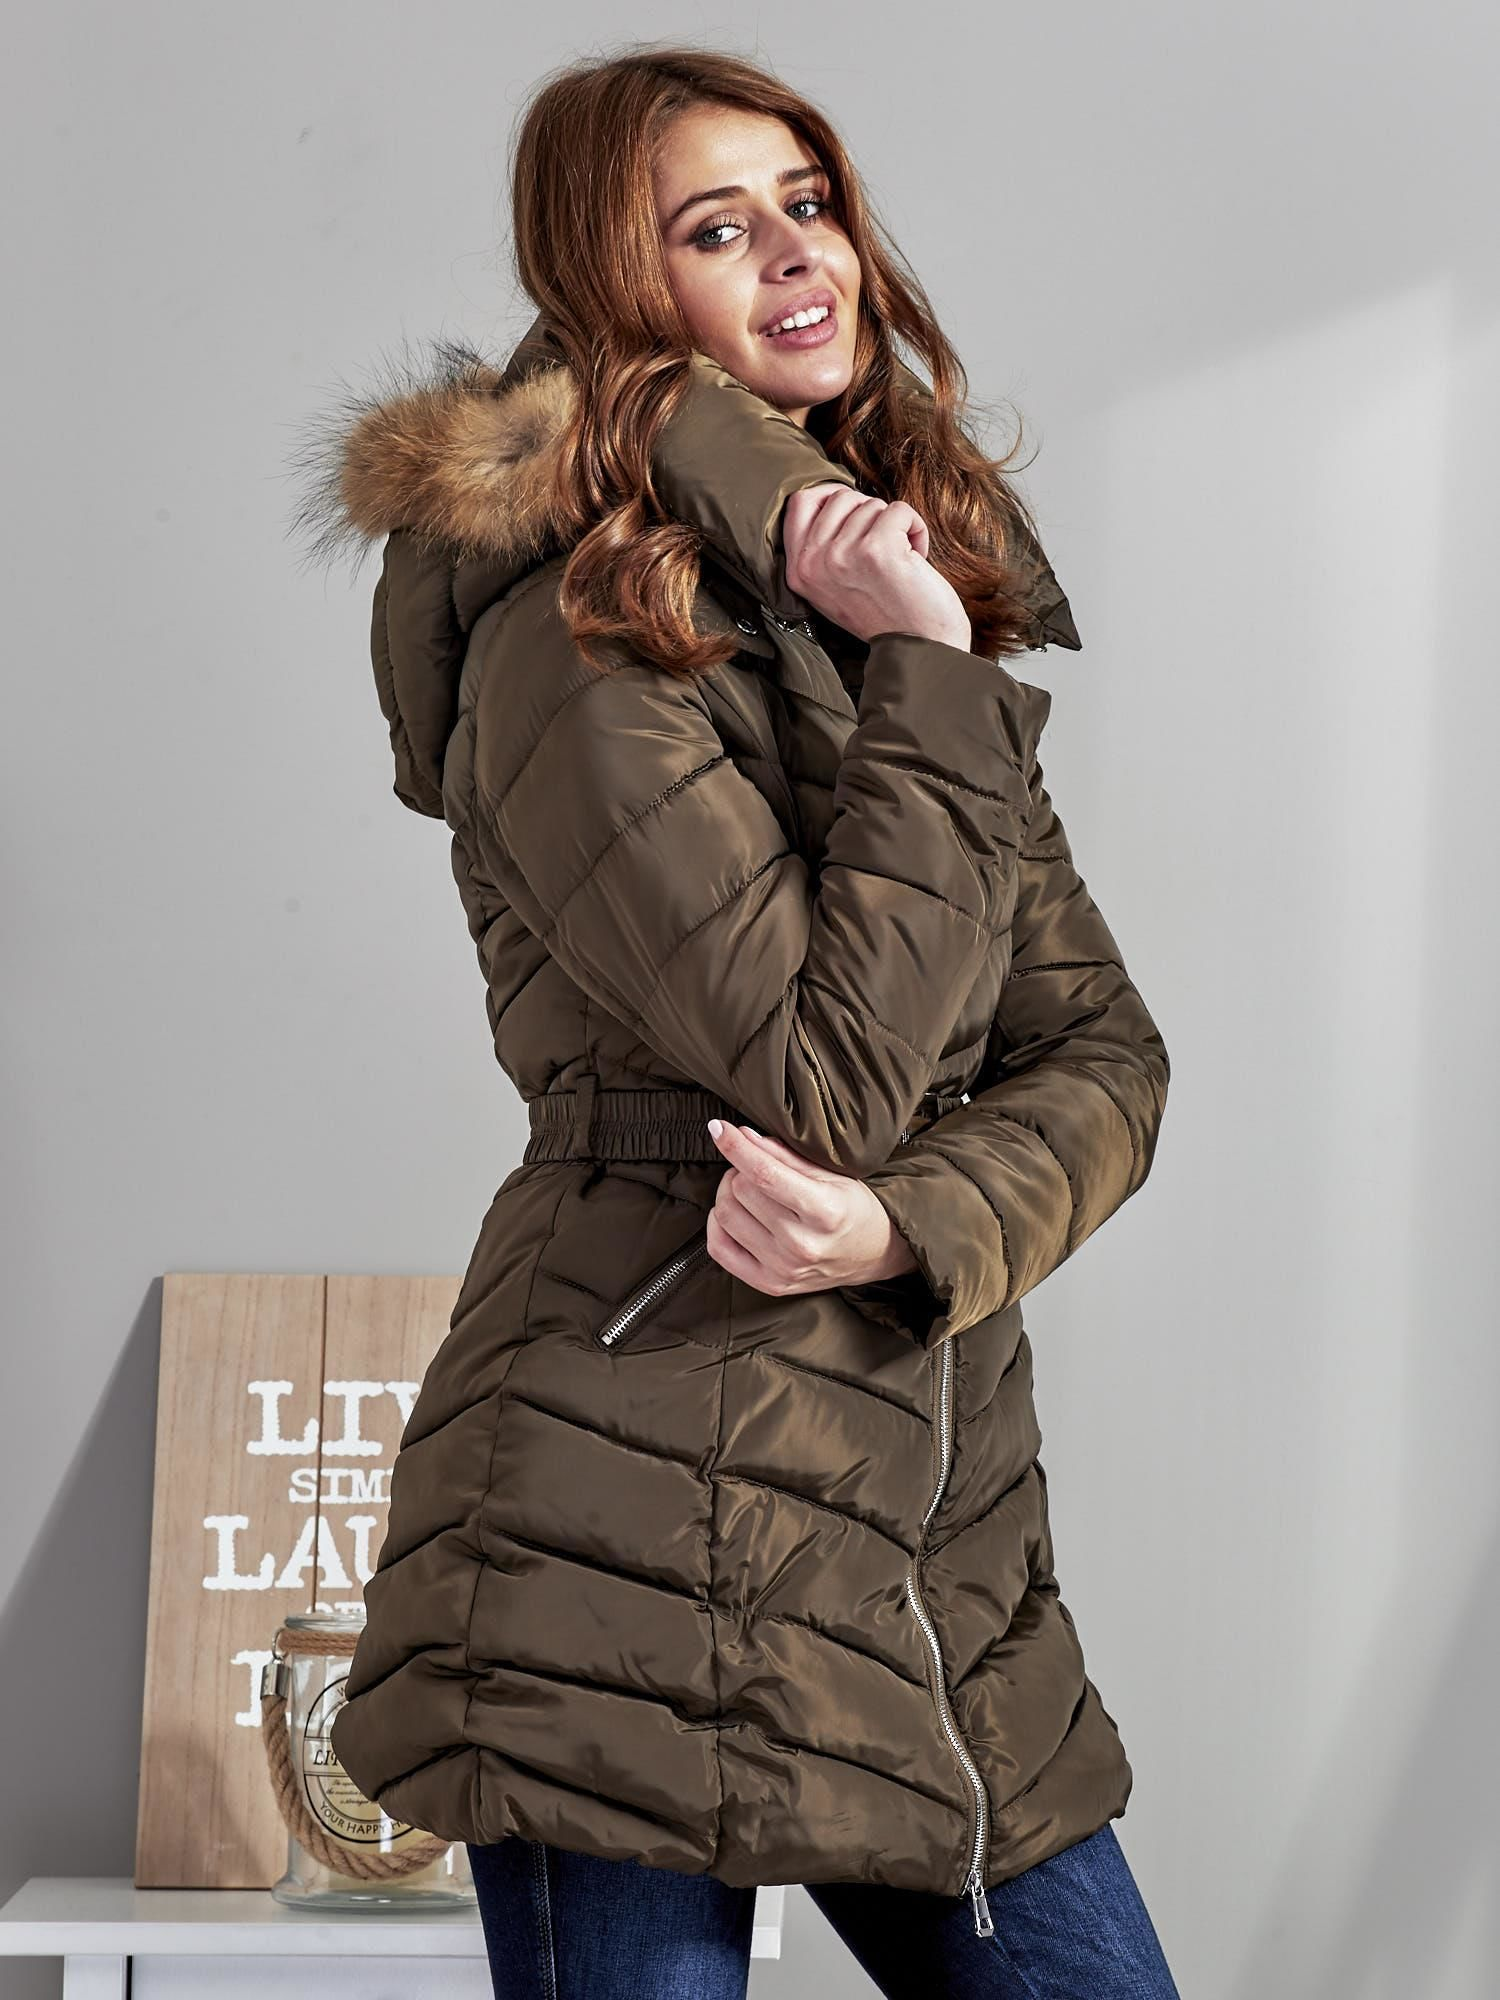 Zobacz płaszcz Carlo Monti Płaszcz Skórzany Pikowany Damski DORJAN CM ANG w sklepie internetowym loadingtag.ga Szeroki wybór produktów z kategorii płaszcz.